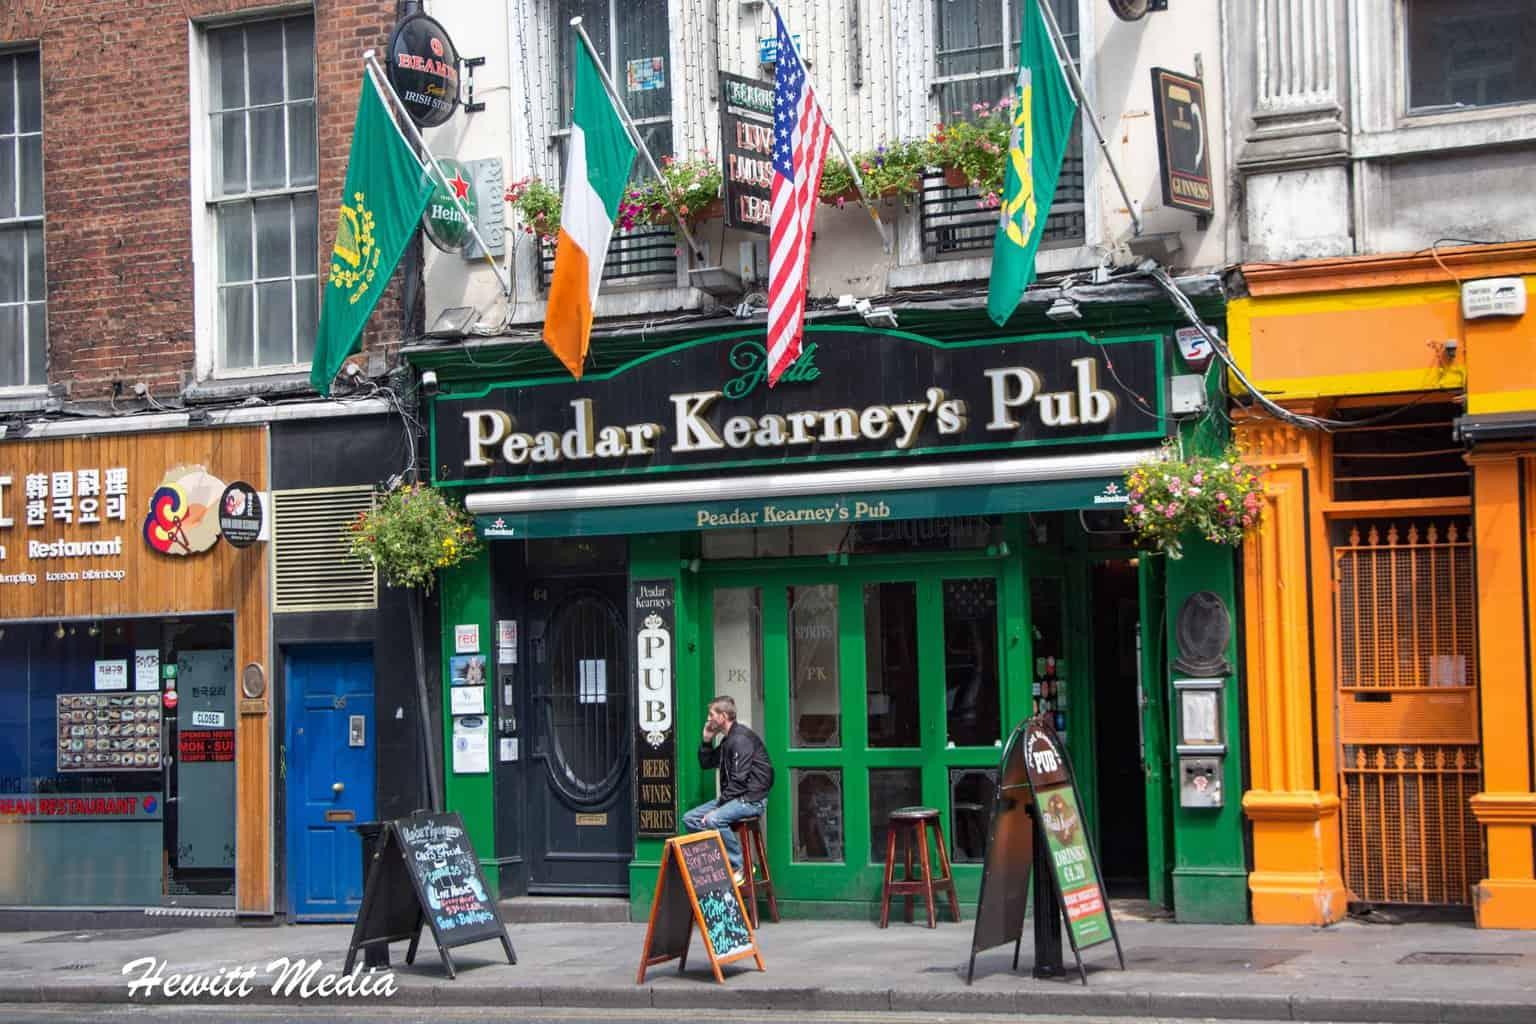 Peadar Kearney's Pub in Dublin